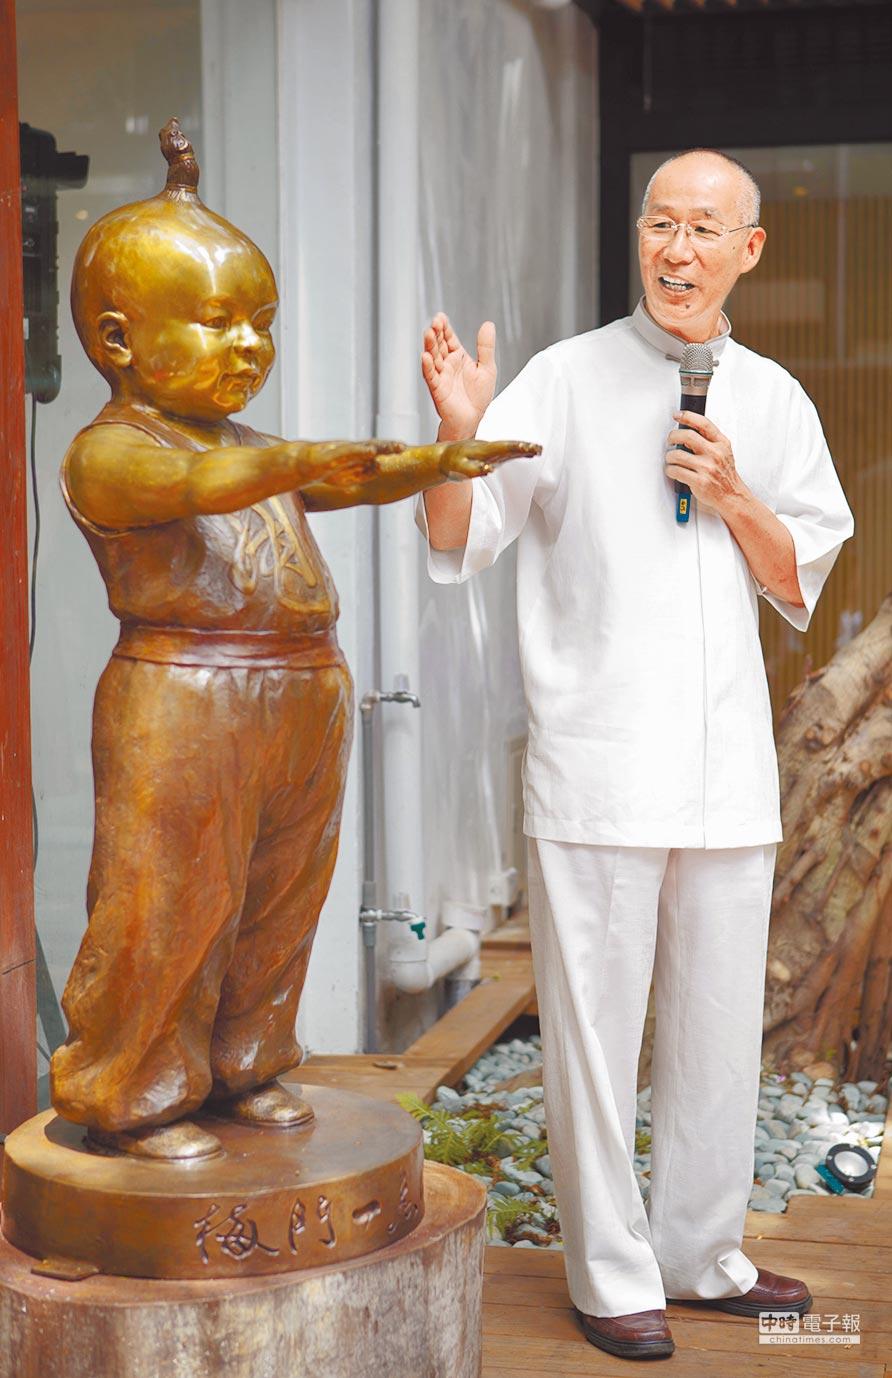 針對建成圓環雕像惹議,雕塑大師王秀杞昨表示,有些人既沒出錢又不出力,只出一張嘴「為反而反」;圖為王在2011年間致贈平甩娃給梅門德藝天地。(本報資料照片)